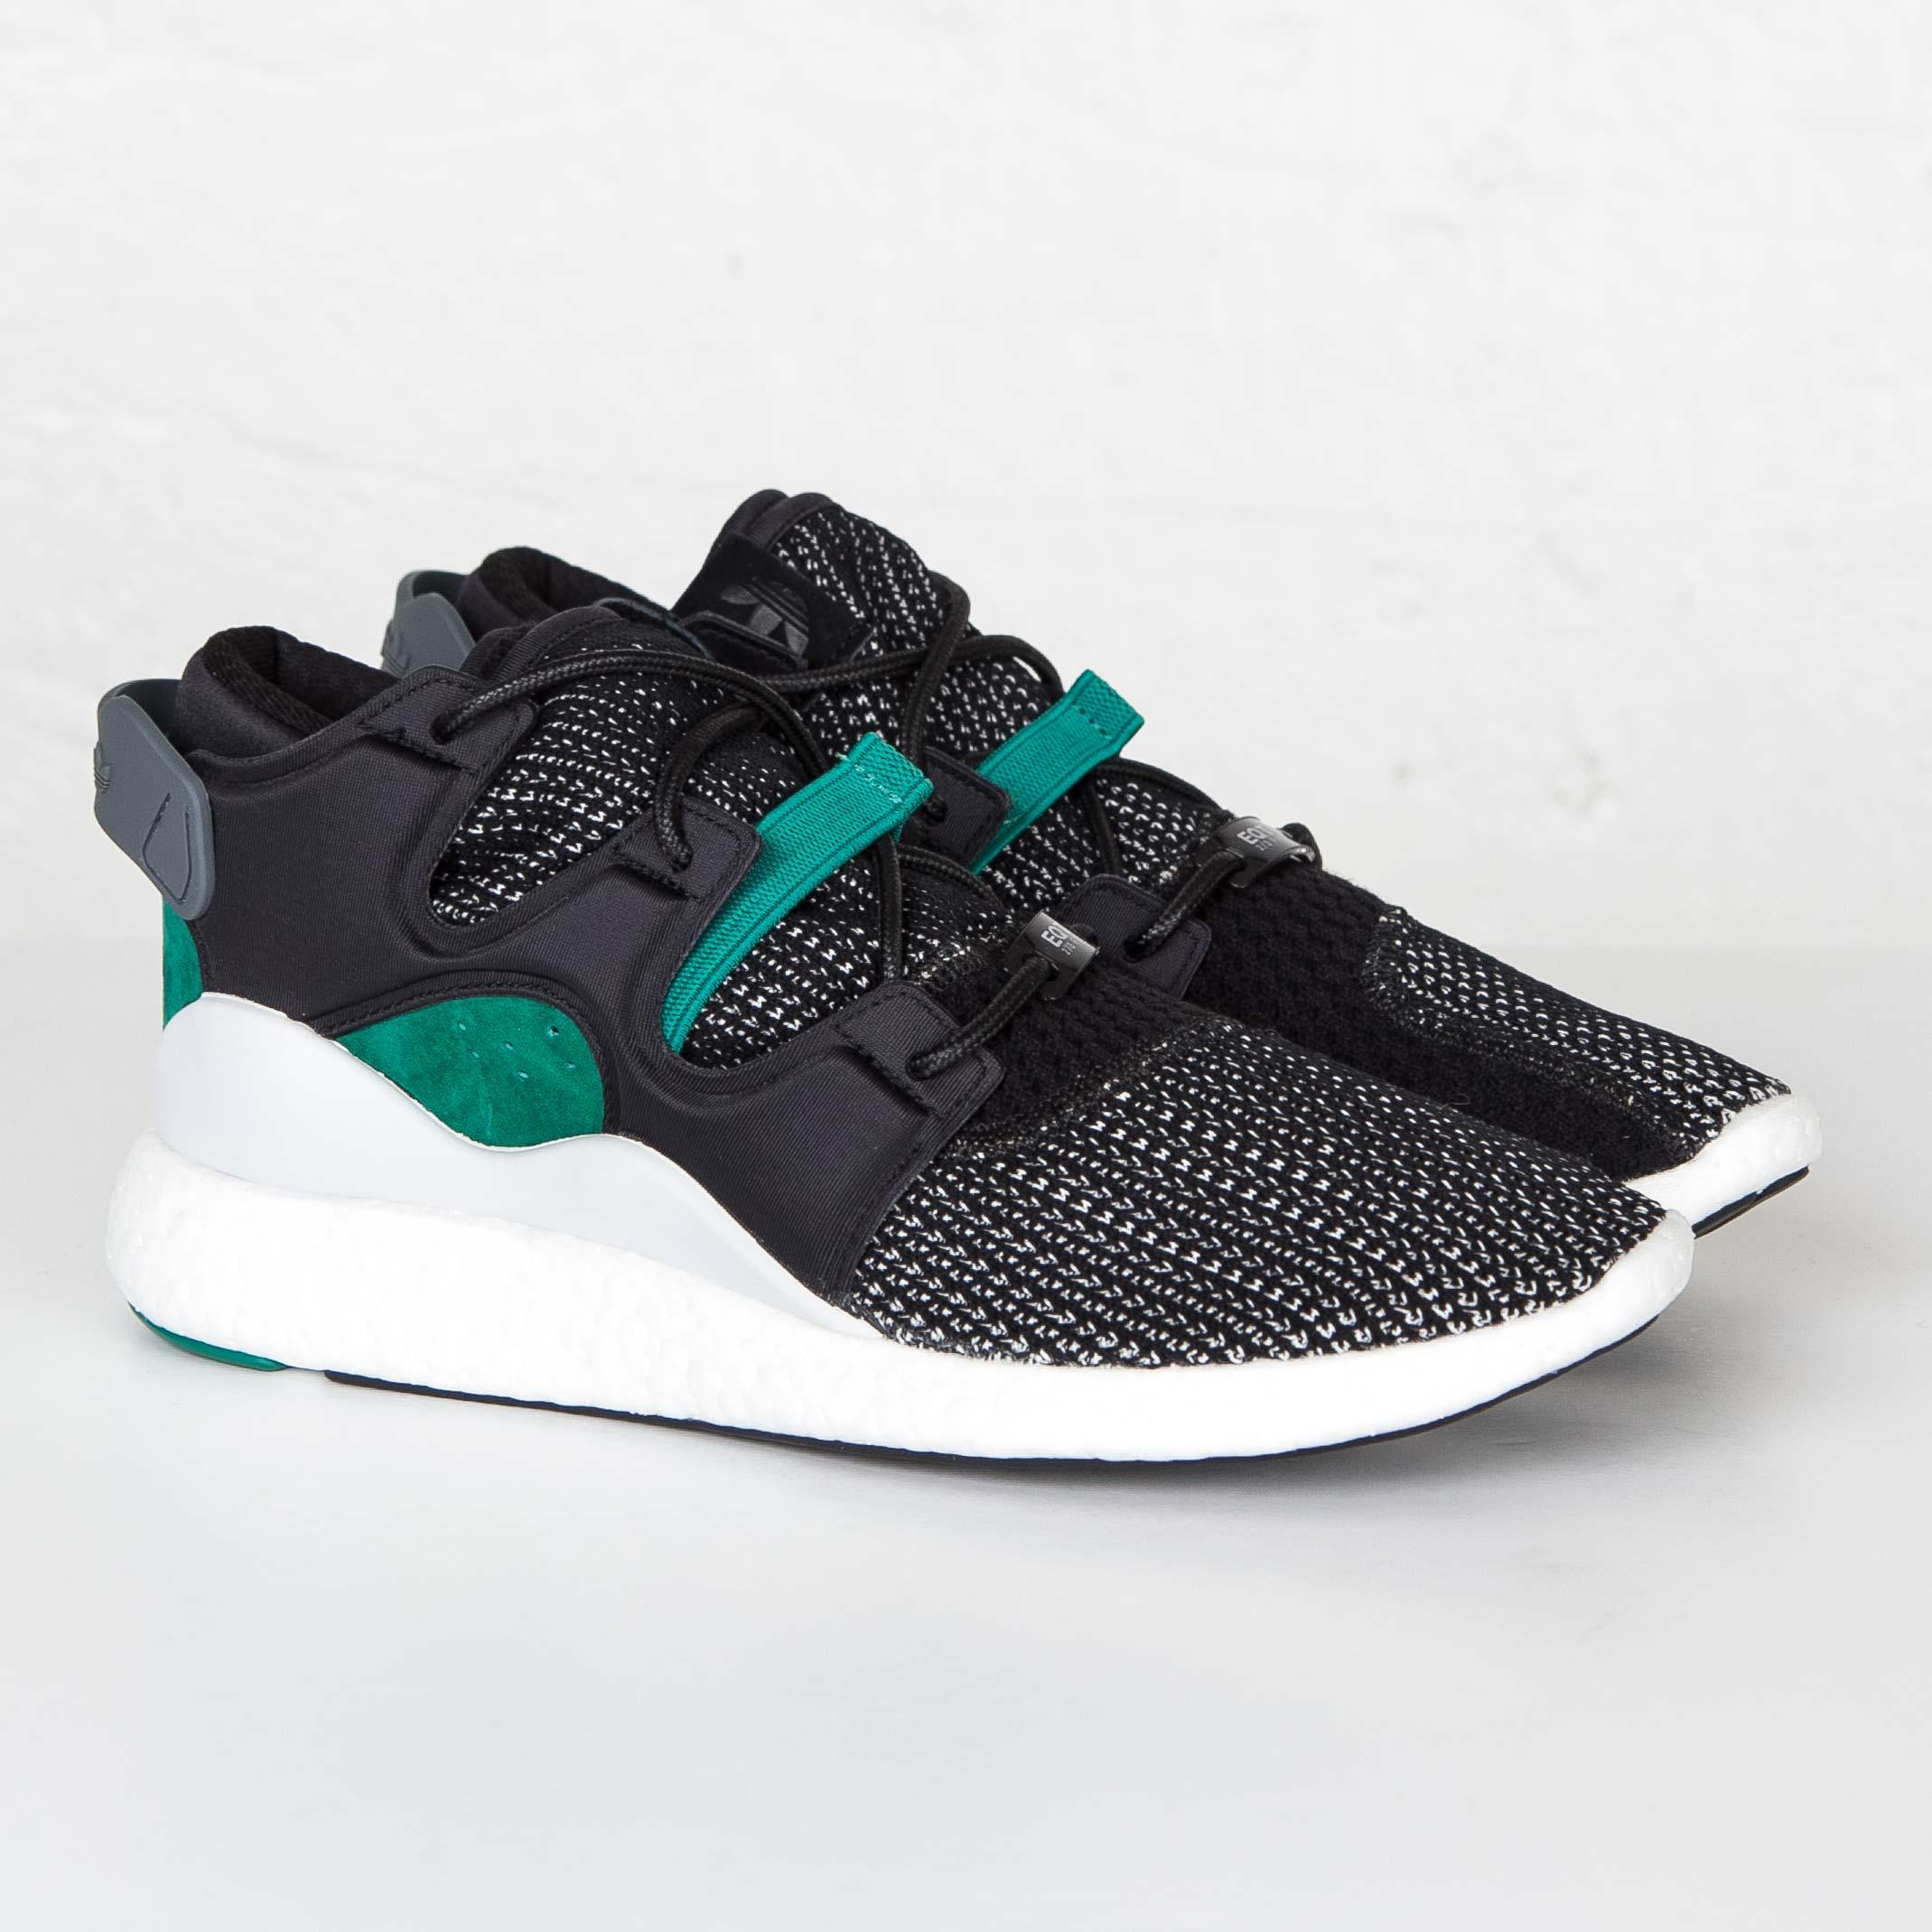 check out 9d8b3 a51b9 ... top quality adidas eqt 2 3 f15 og 47b76 2b978